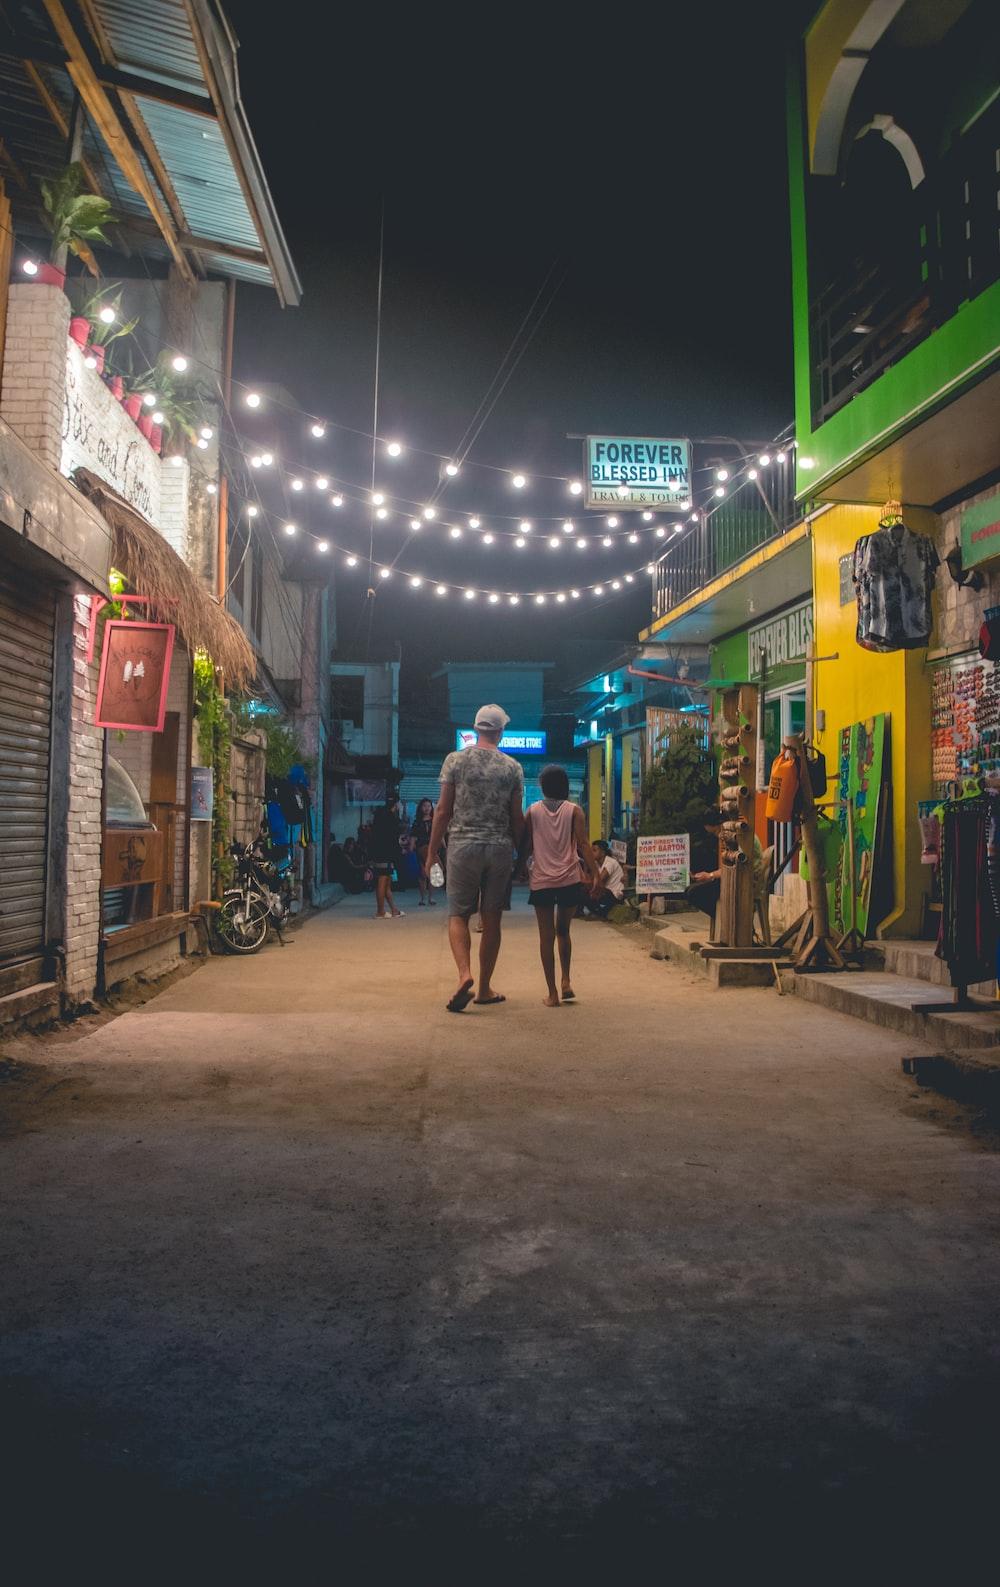 man in gray coat walking on street during nighttime